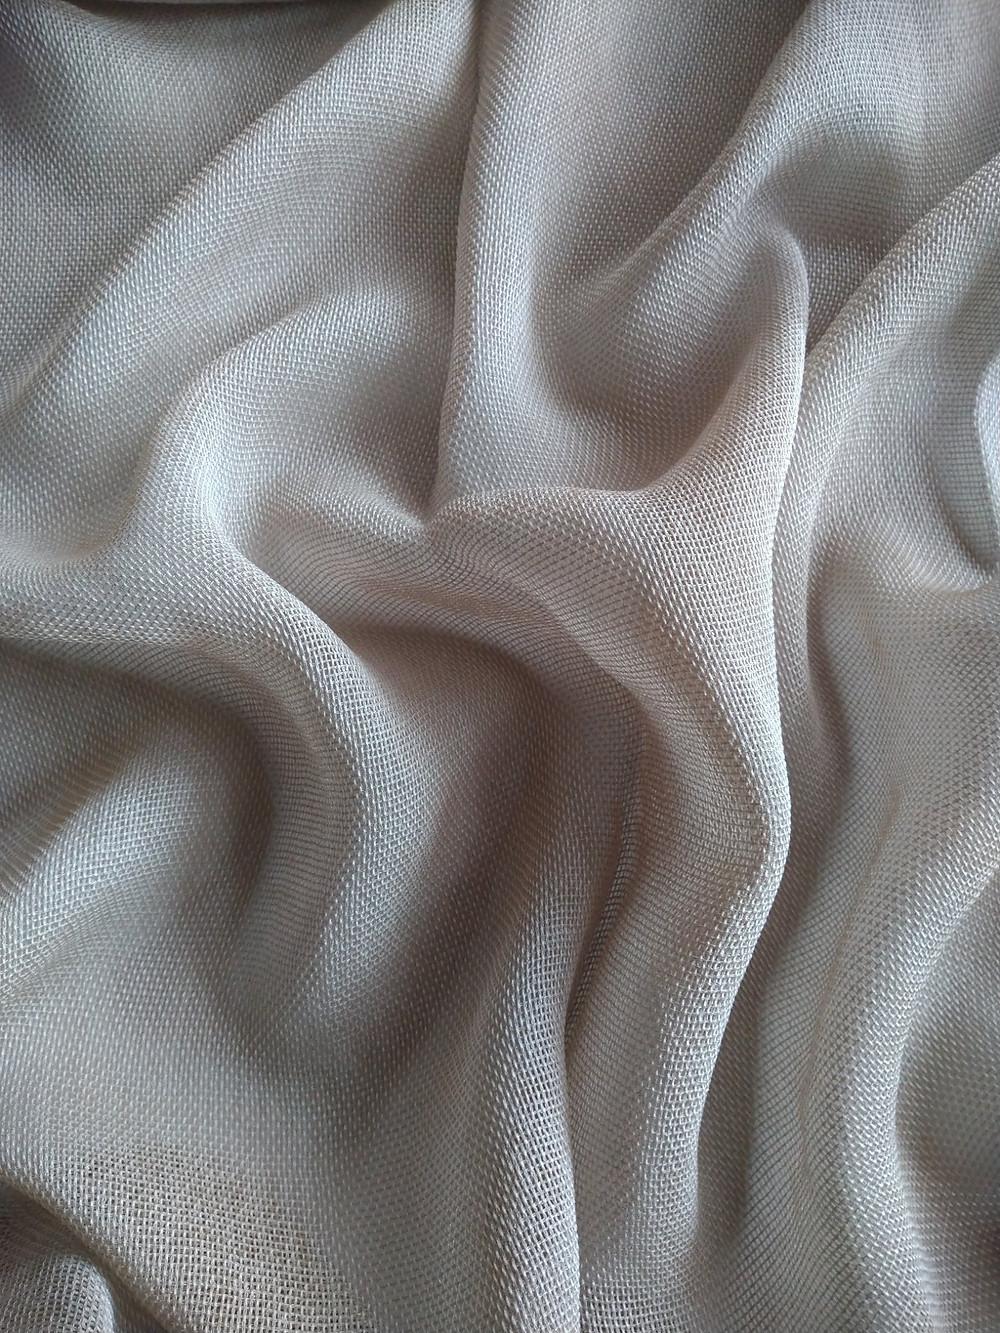 Unelmankevyt Trinity verhokangas laskeutuu kauniisti ja ryhdikkäästi verhon helmaan ommeltavan lyijynauhan ansiosta. Mkaksi.fi verhopalvelu, verho-ompelu ja asennus.